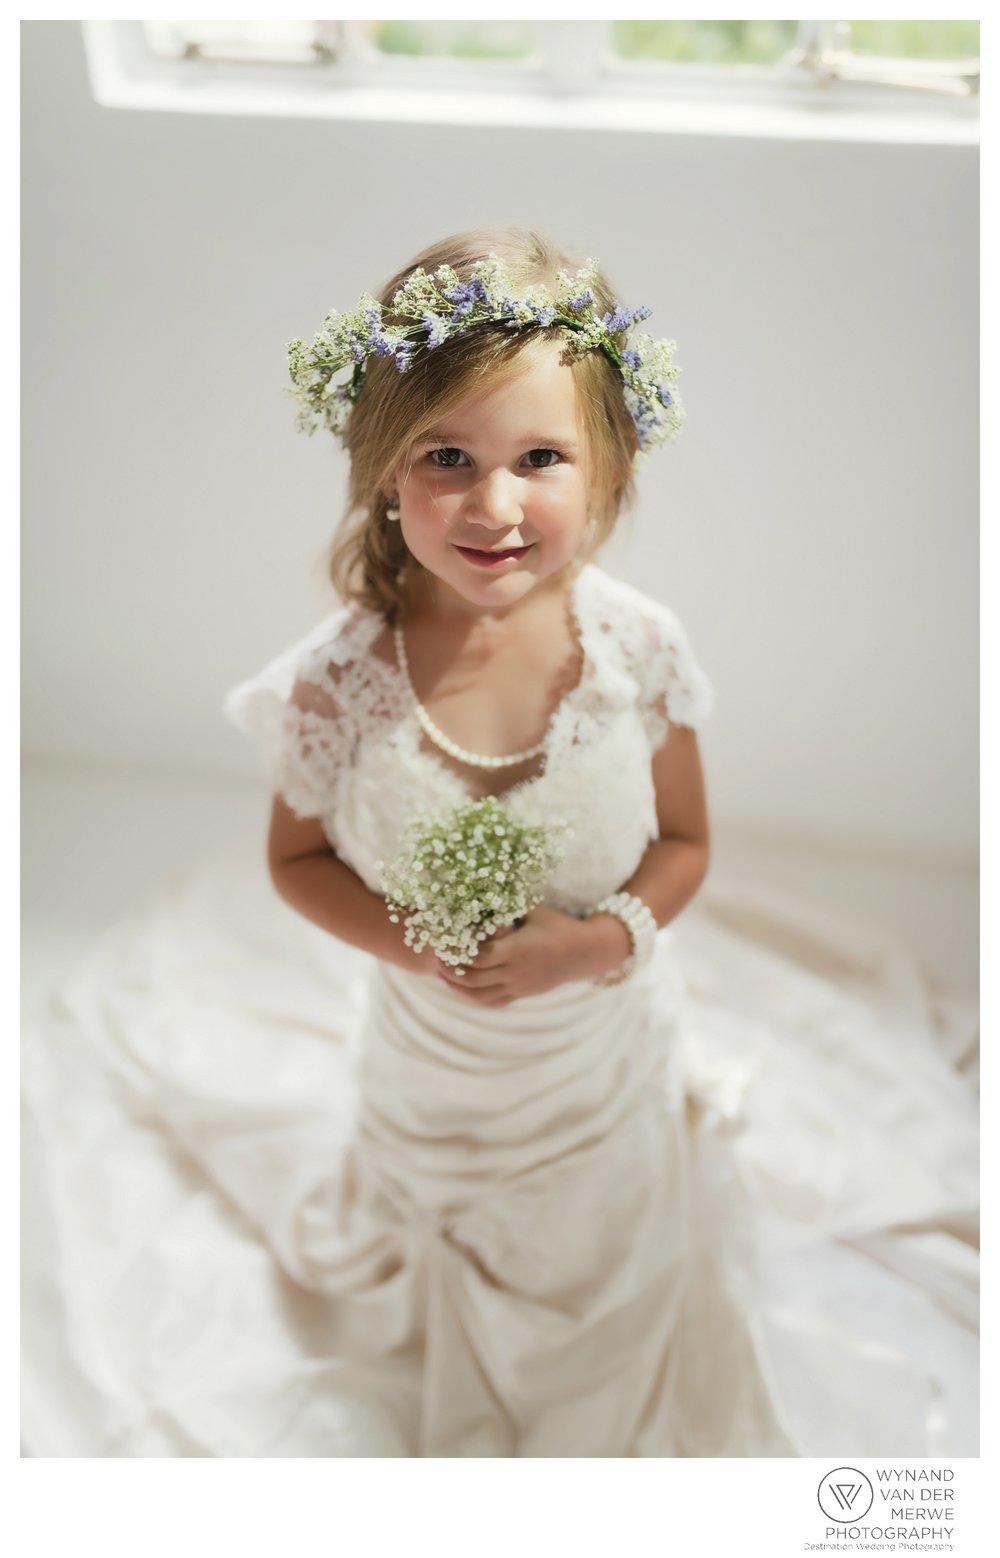 WvdM_hertfordcountryhotel_styledshoot_children_momsdress_weddingdress_inspirationshoot_gauteng_southafrica-12.jpg